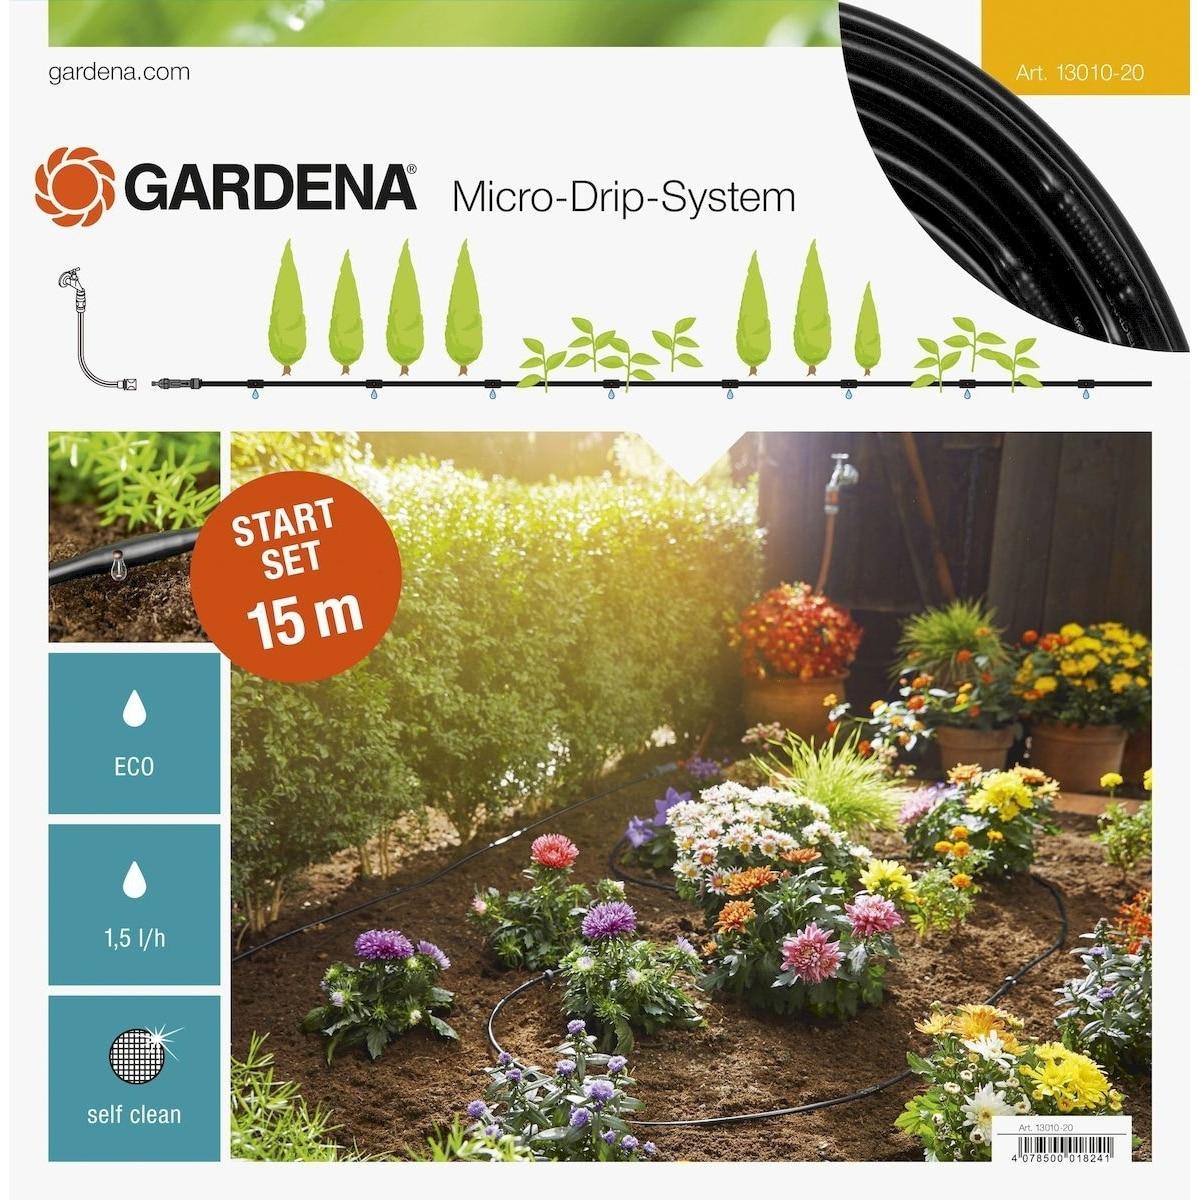 Hose connection kit GARDENA 13010-20.000.00 hcms 2972 hcms2972 2972 dip14